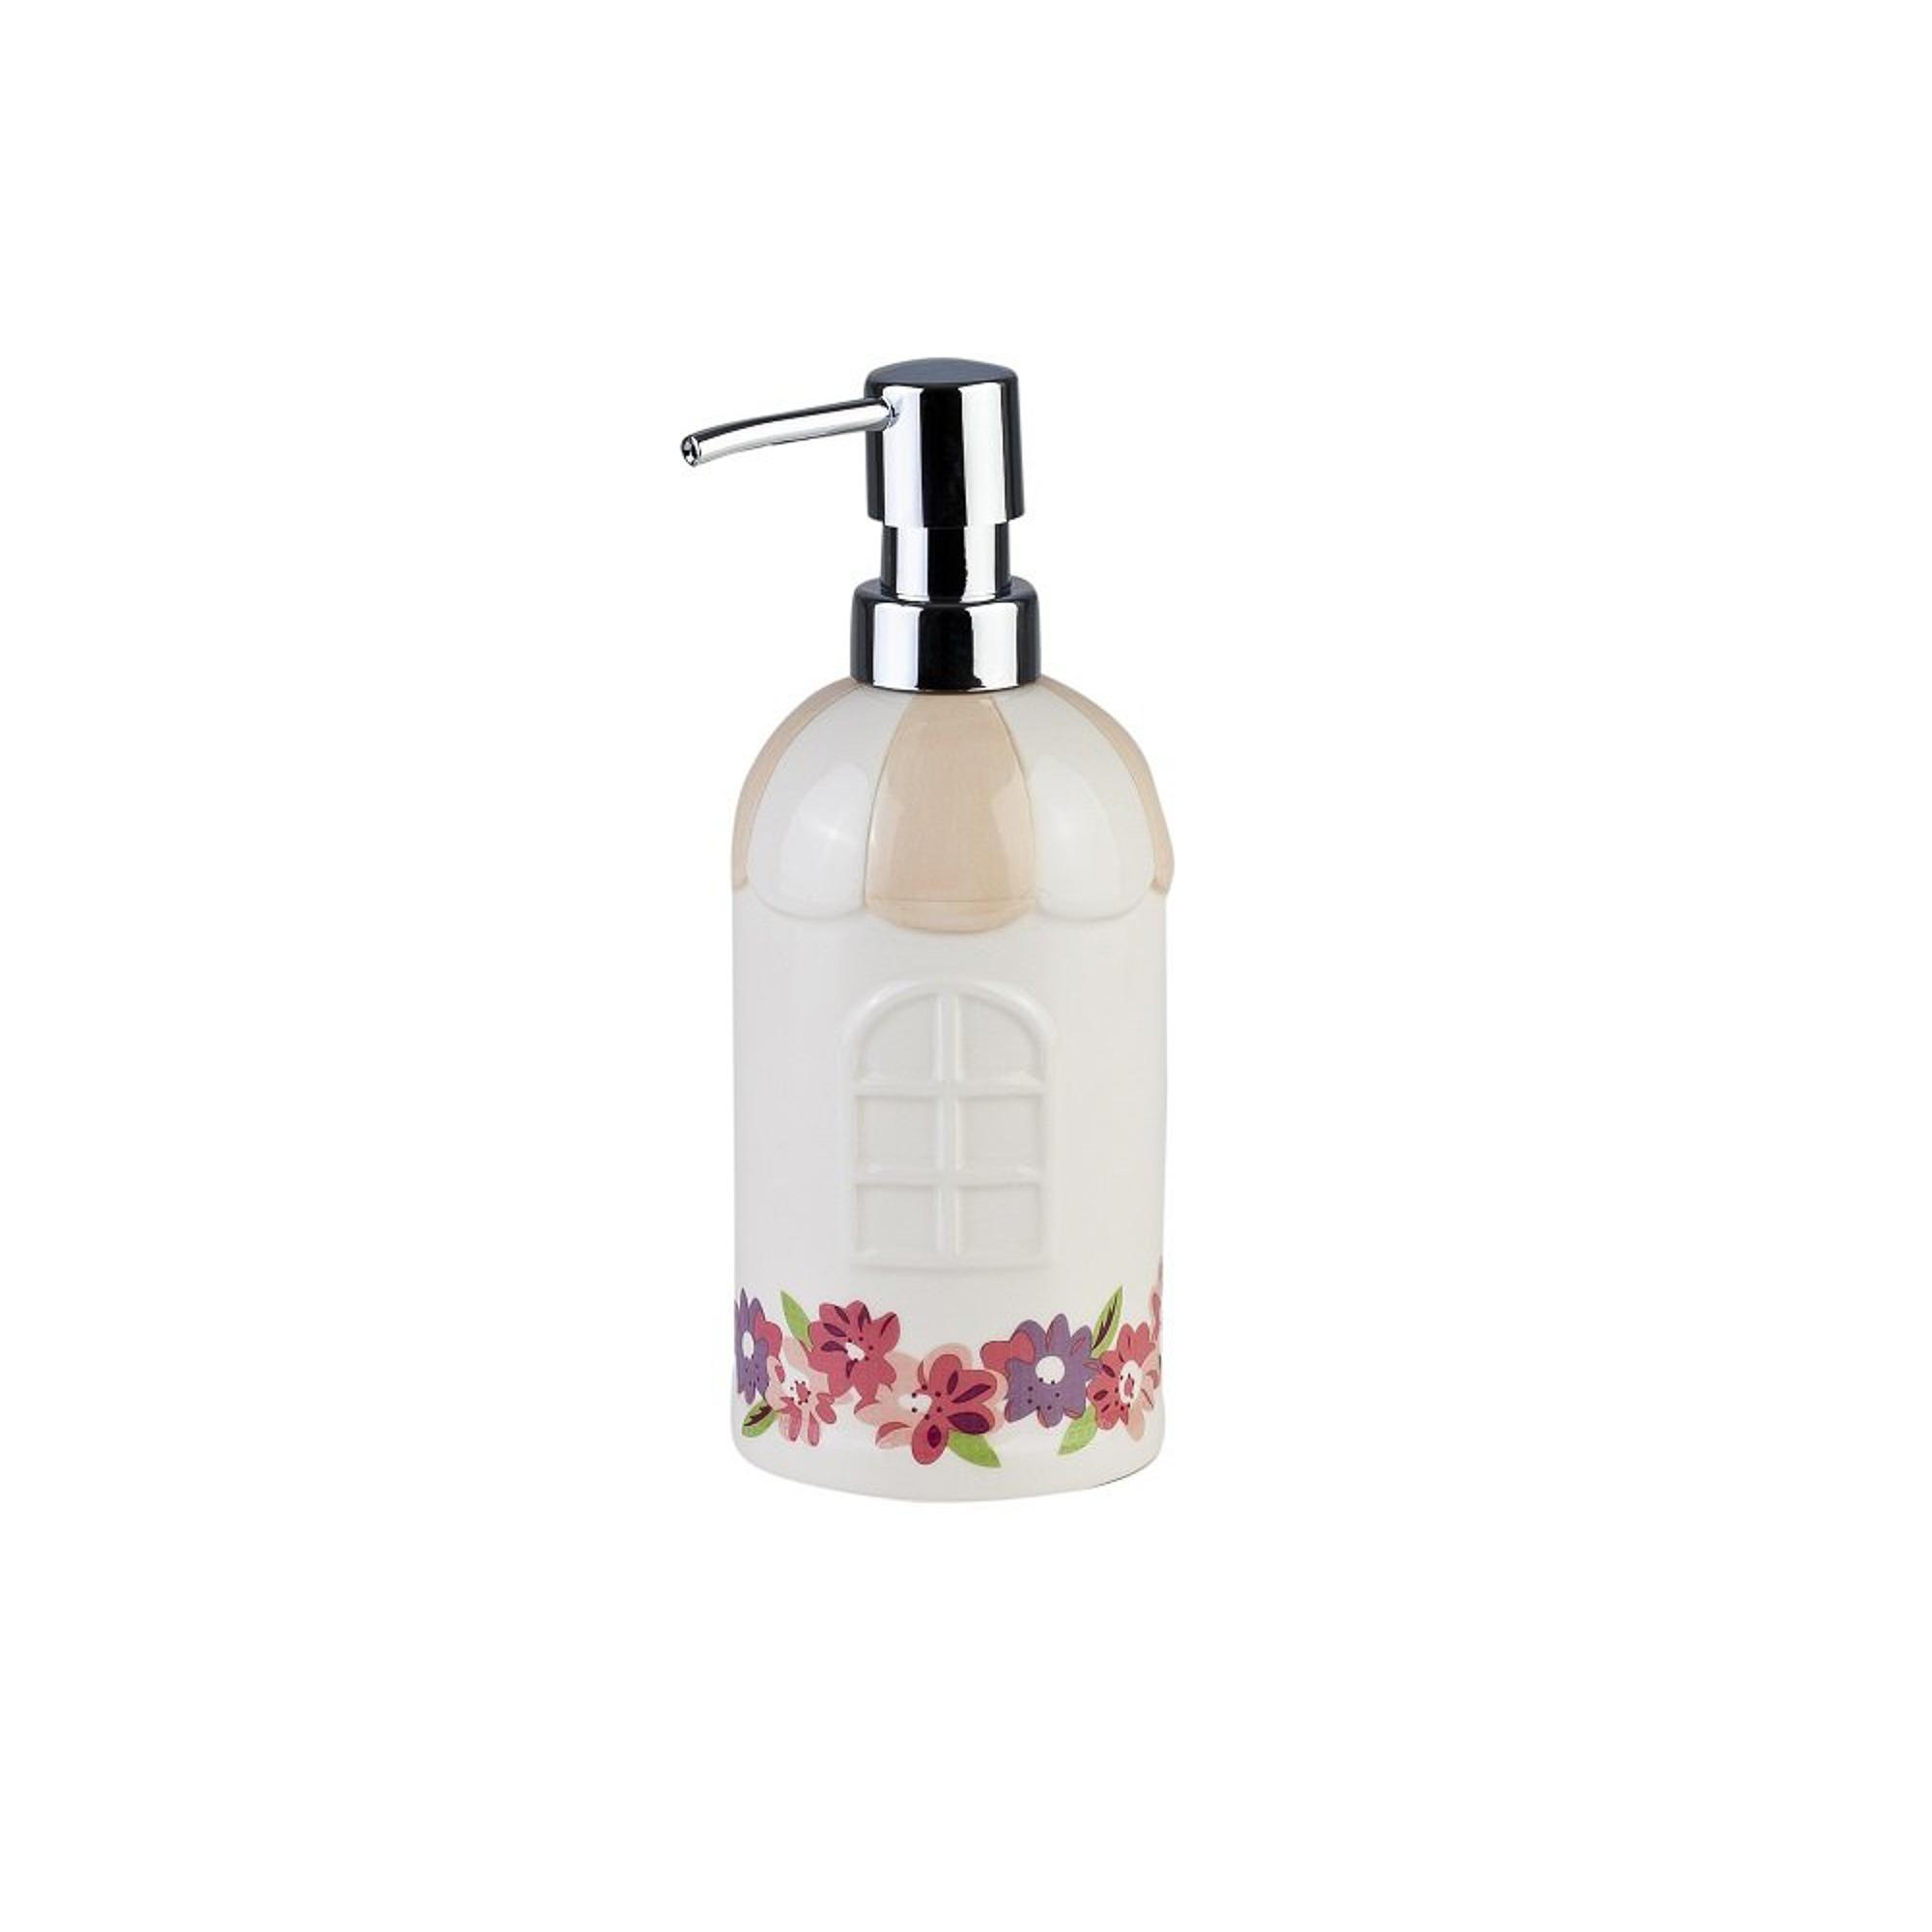 Дозатор для жидкого мыла PRIMANOVA garden дозатор для жидкого мыла le bain gris